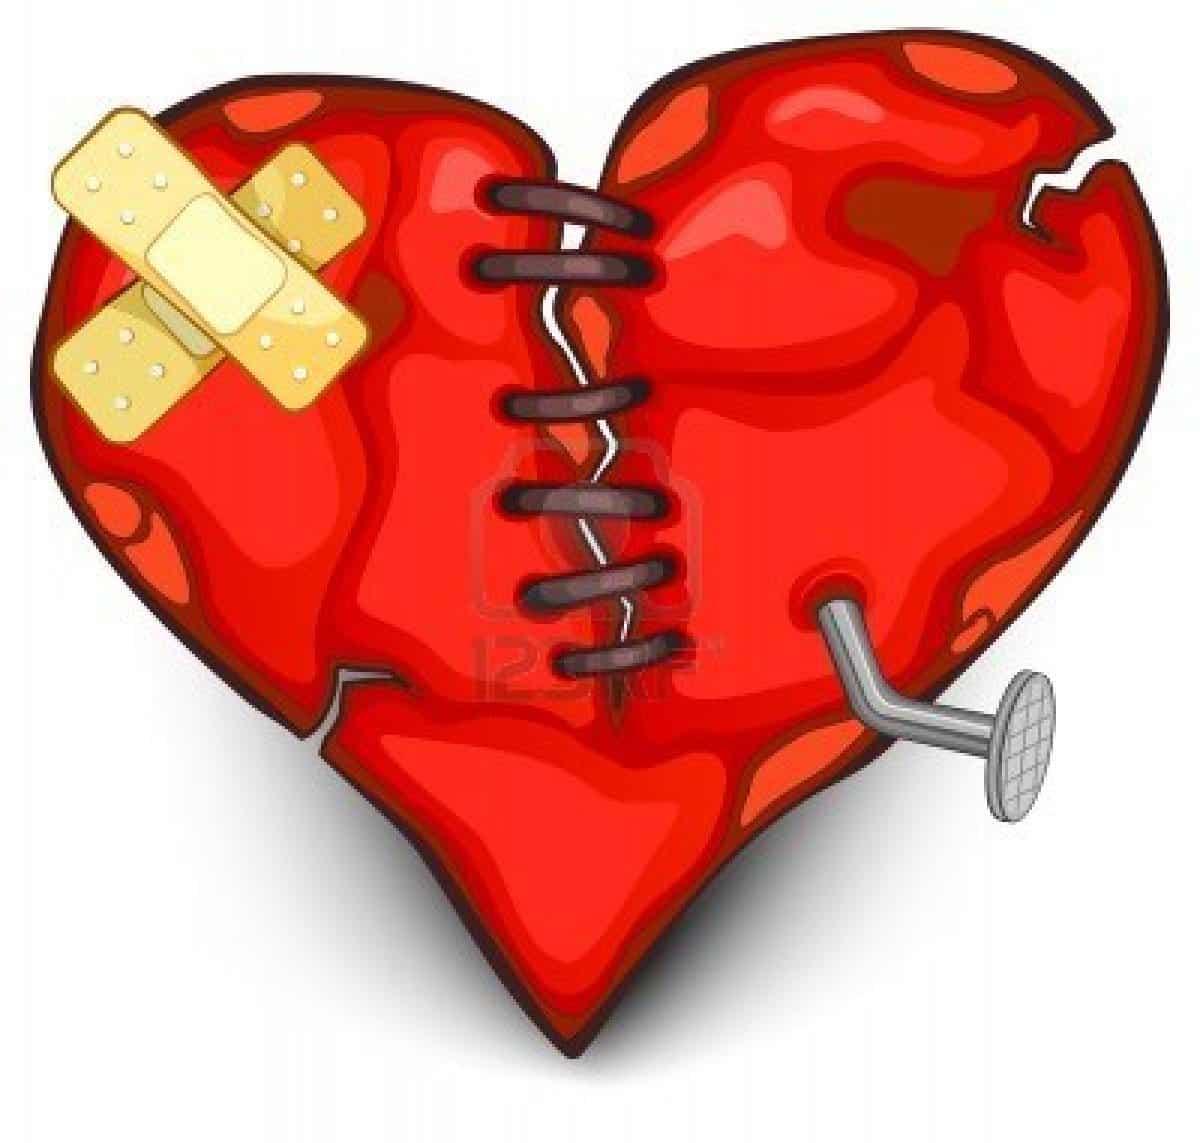 Imágen de amor despechado de un corazón maltratado